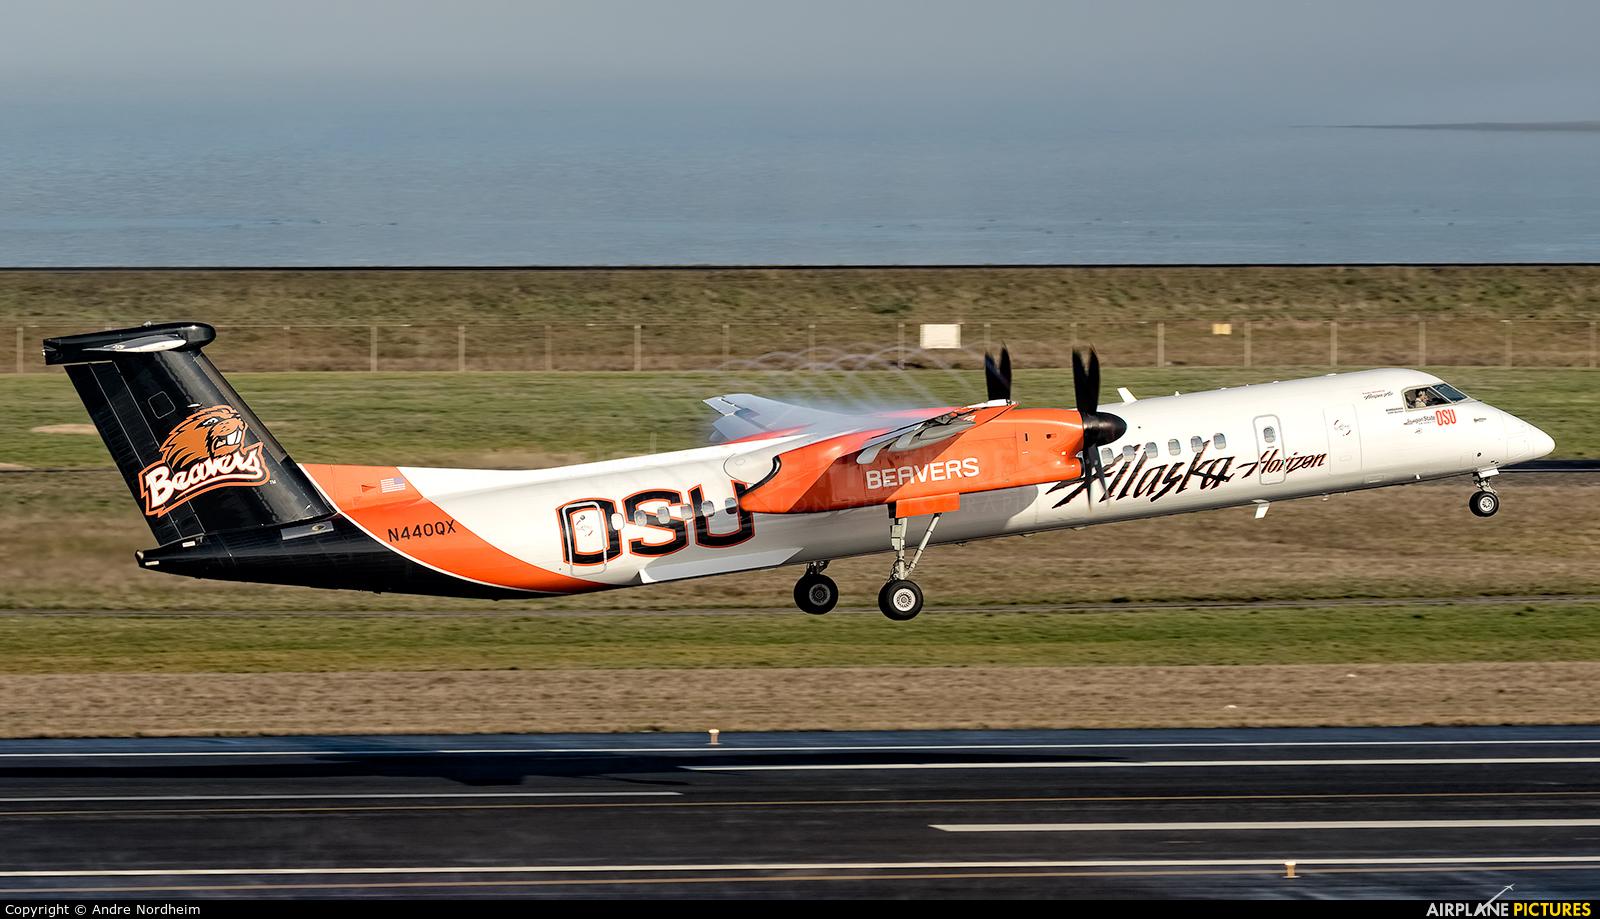 Alaska Airlines - Horizon Air N440QX aircraft at Portland